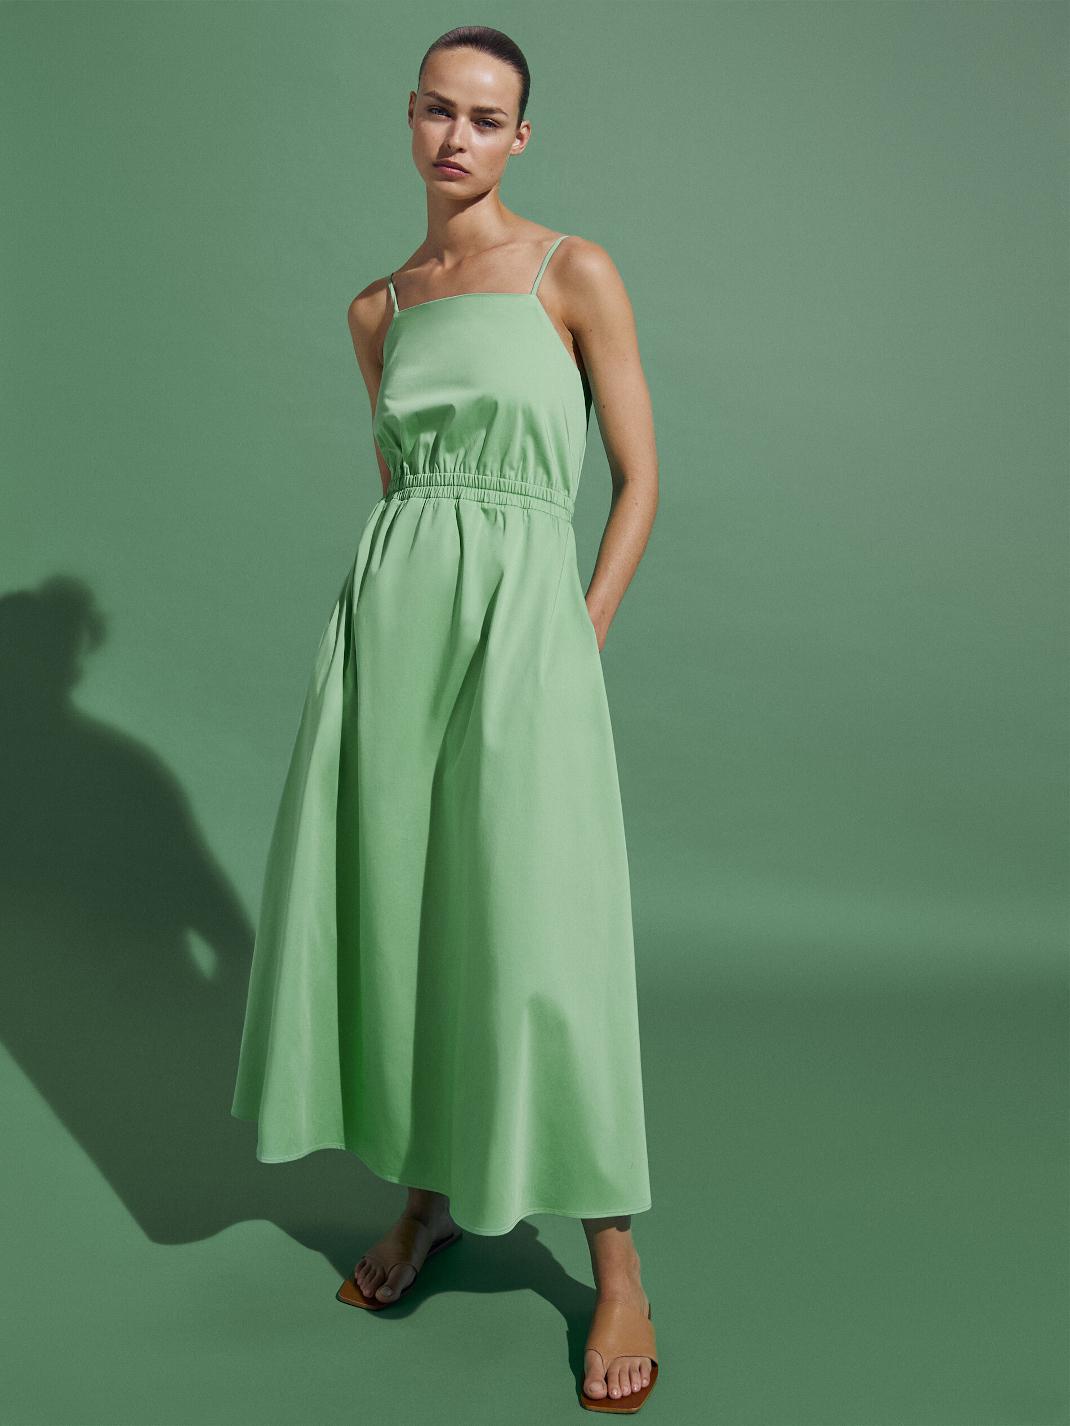 φόρεμα για καλεσμένη σε γάμο